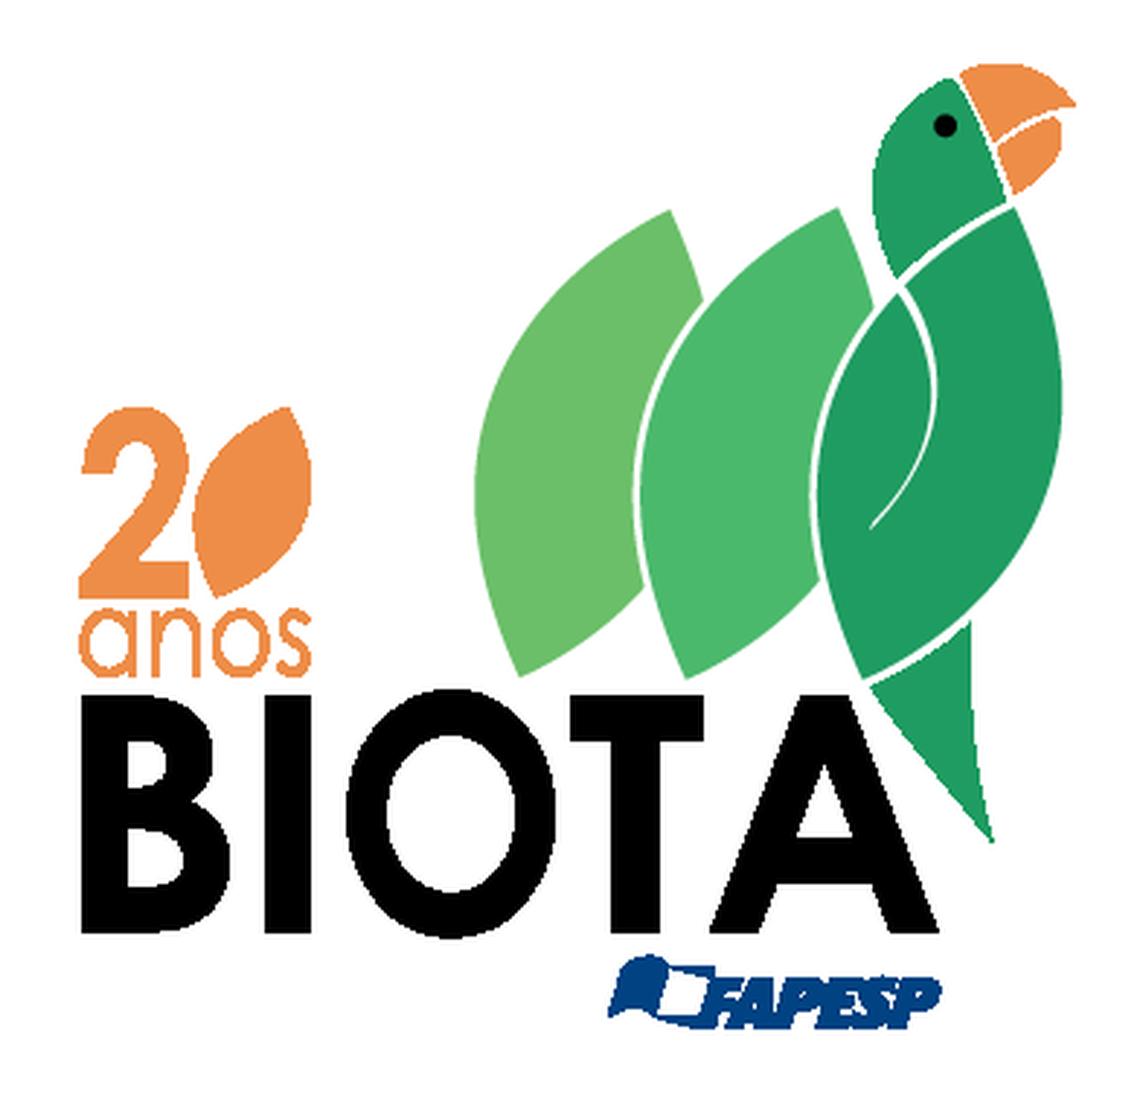 Programa de Pesquisas em Caracterização, Conservação, Restauração e Uso Sustentável da Biodiversidade